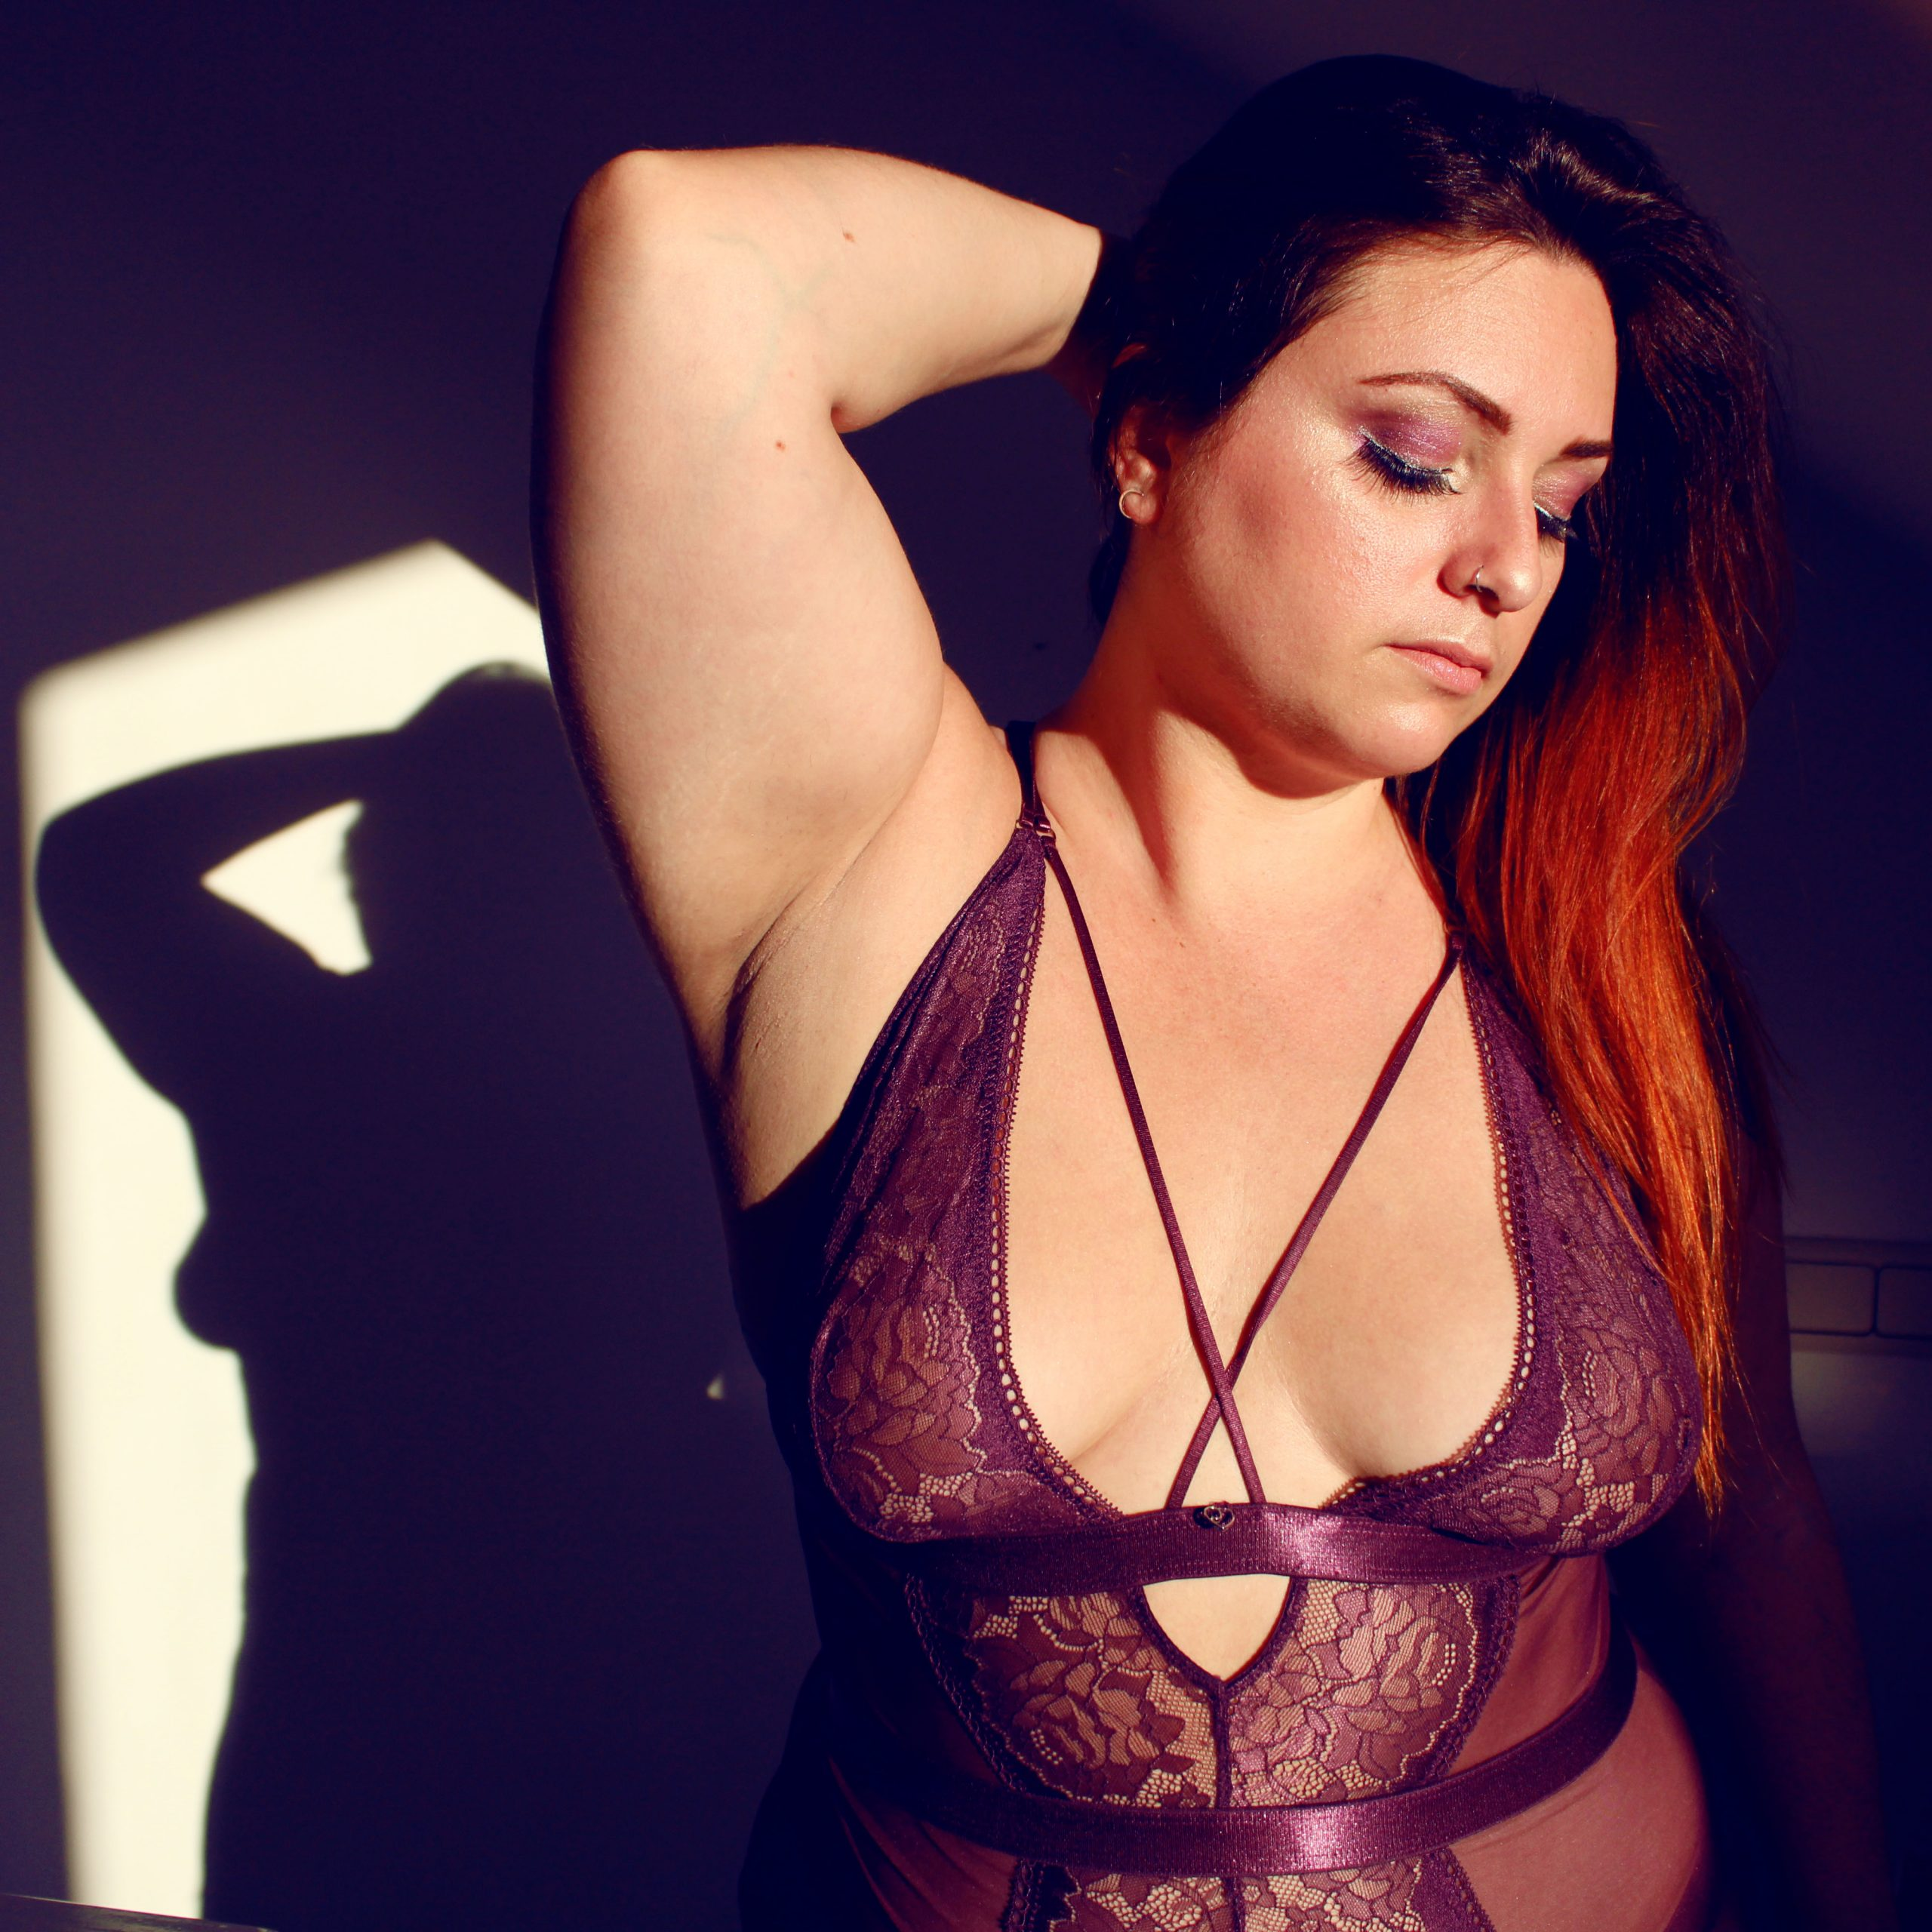 lingerie-sexy-grande-taille-lovehoney-blog-lingerie-conseil-lingerie-